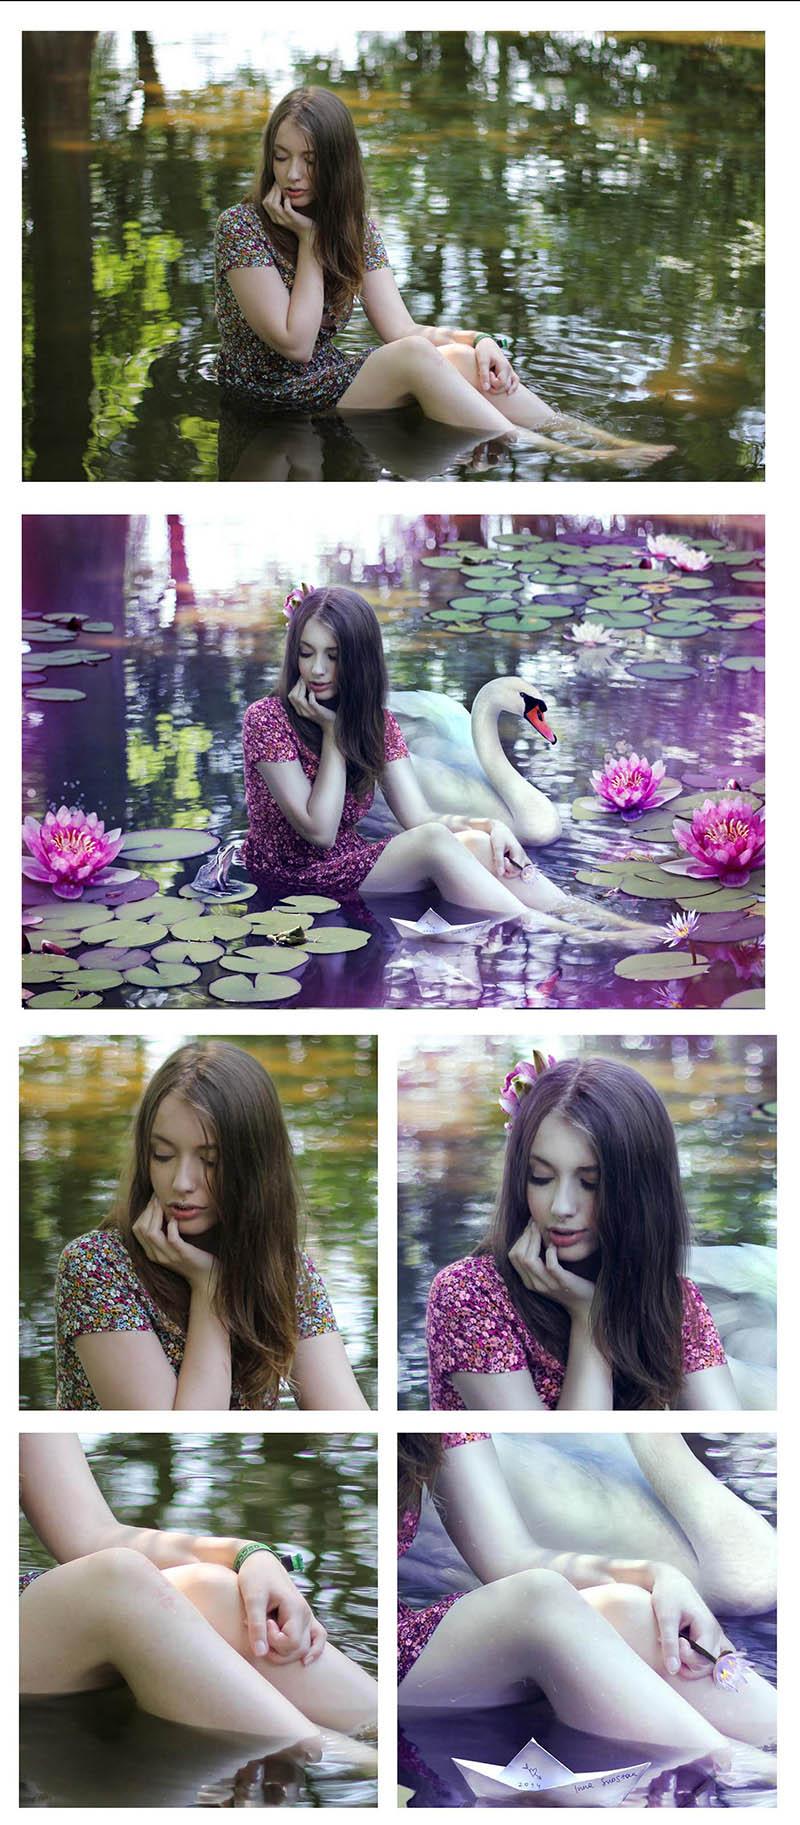 Девушка в пруду - коллаж, худ. ретушь